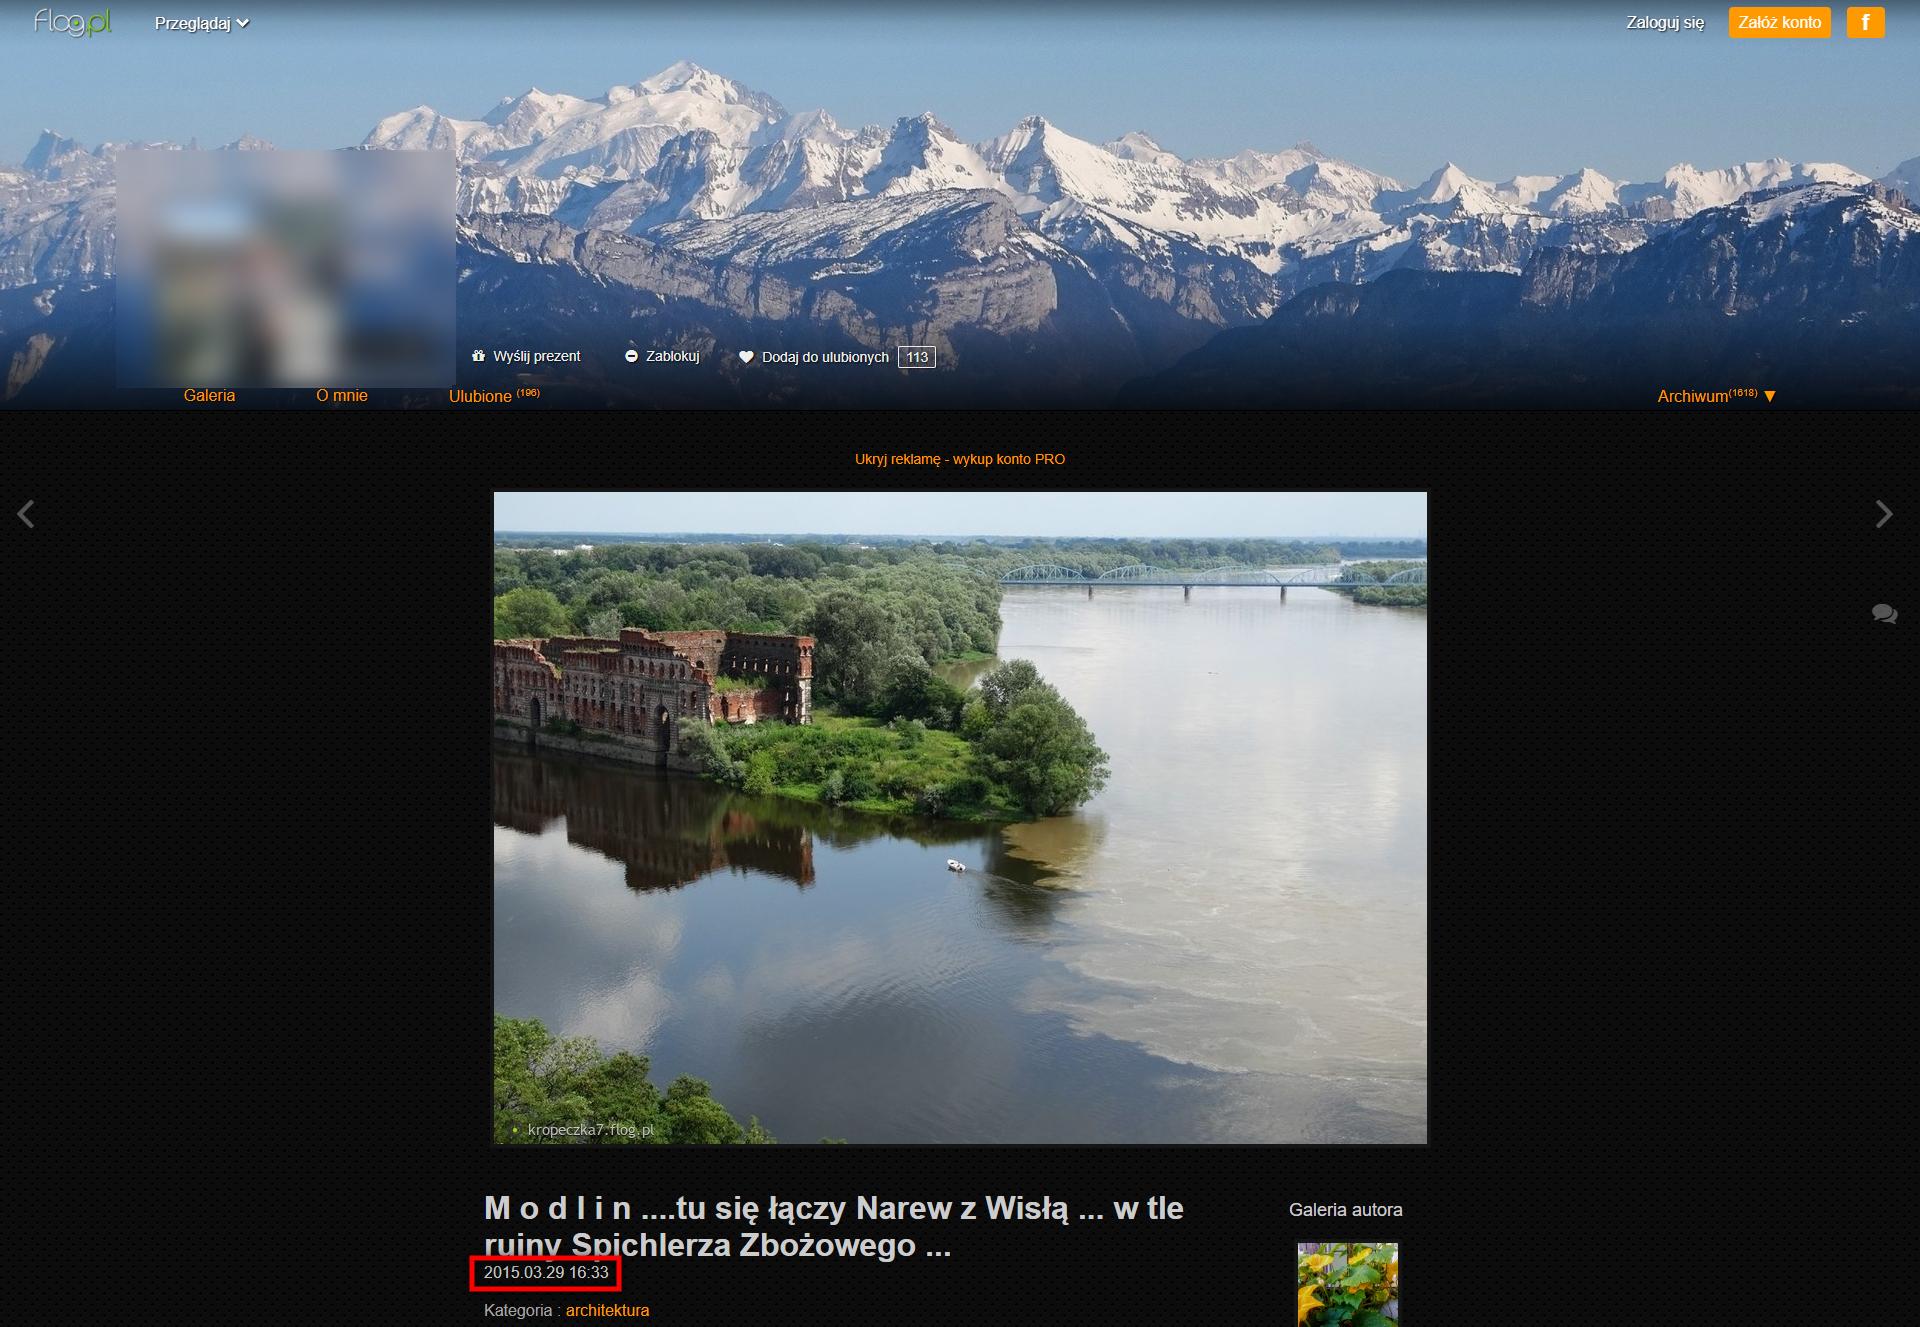 Strona flog.pl ze zdjęciem ujścia Narwi do Wisły z marca 2015 roku